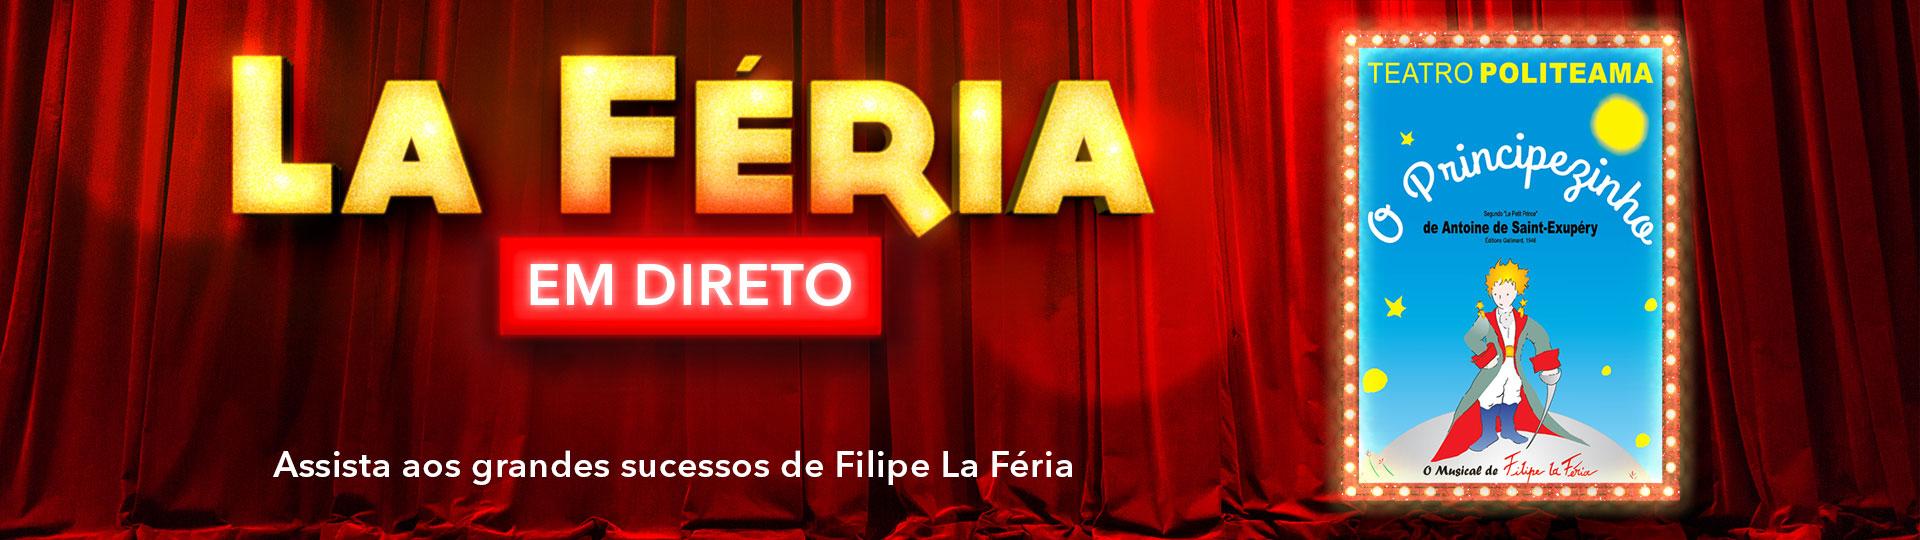 O PRINCIPEZINHO - O MUSICAL DE FILIPE LA FÉRIA